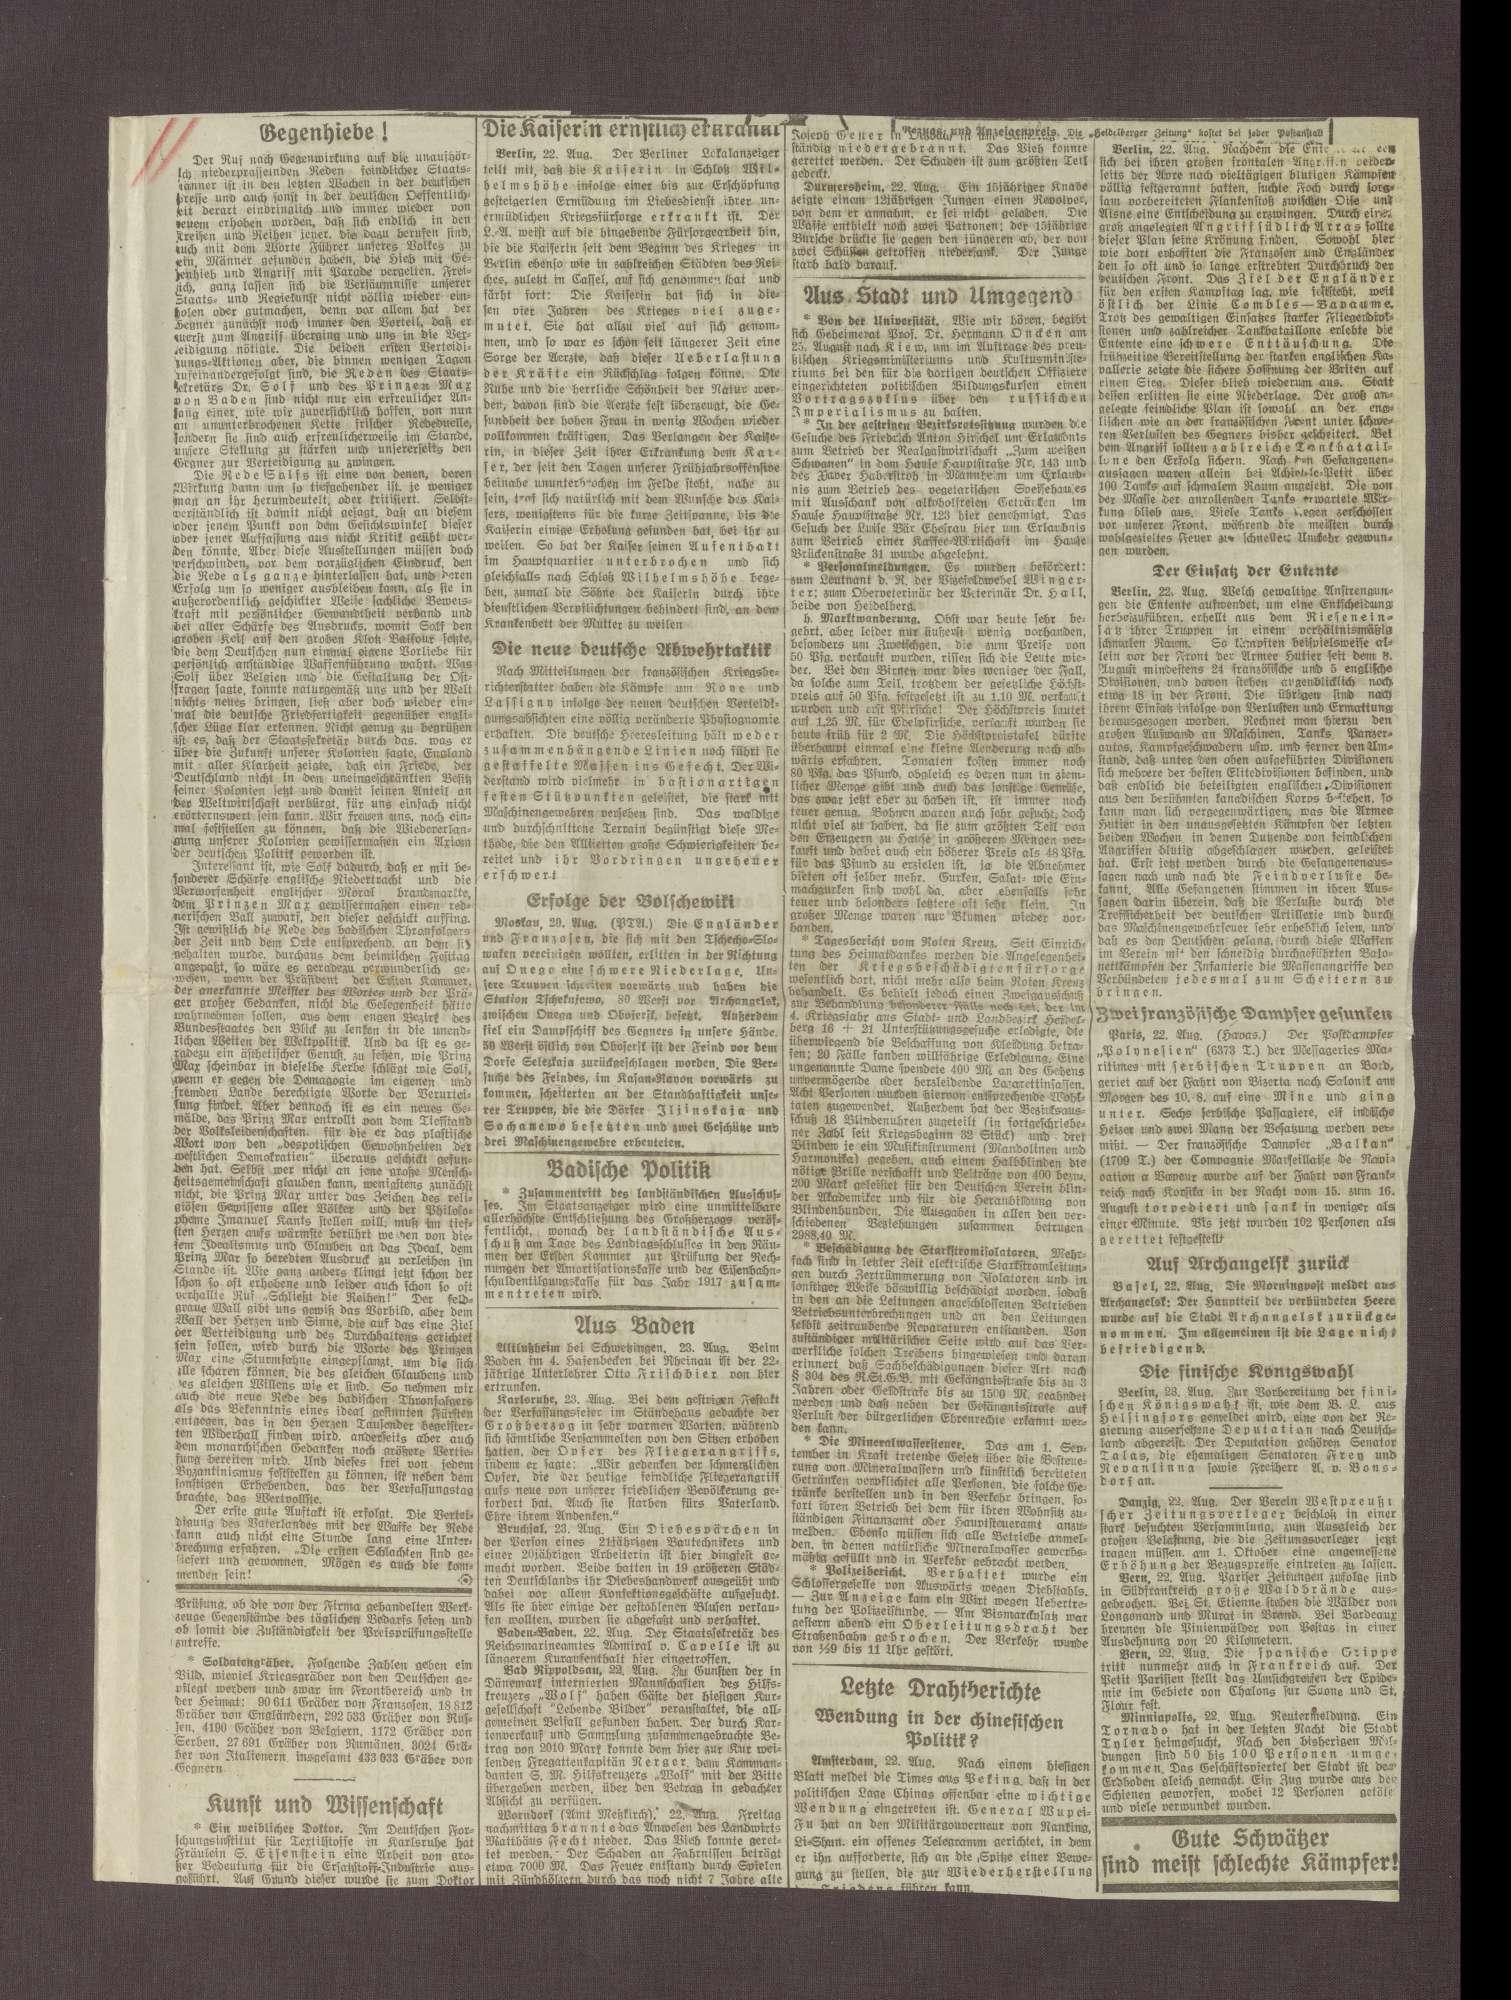 """Artikel in der Heidelberger Zeitung: """"Gegenhiebe"""", Bild 3"""